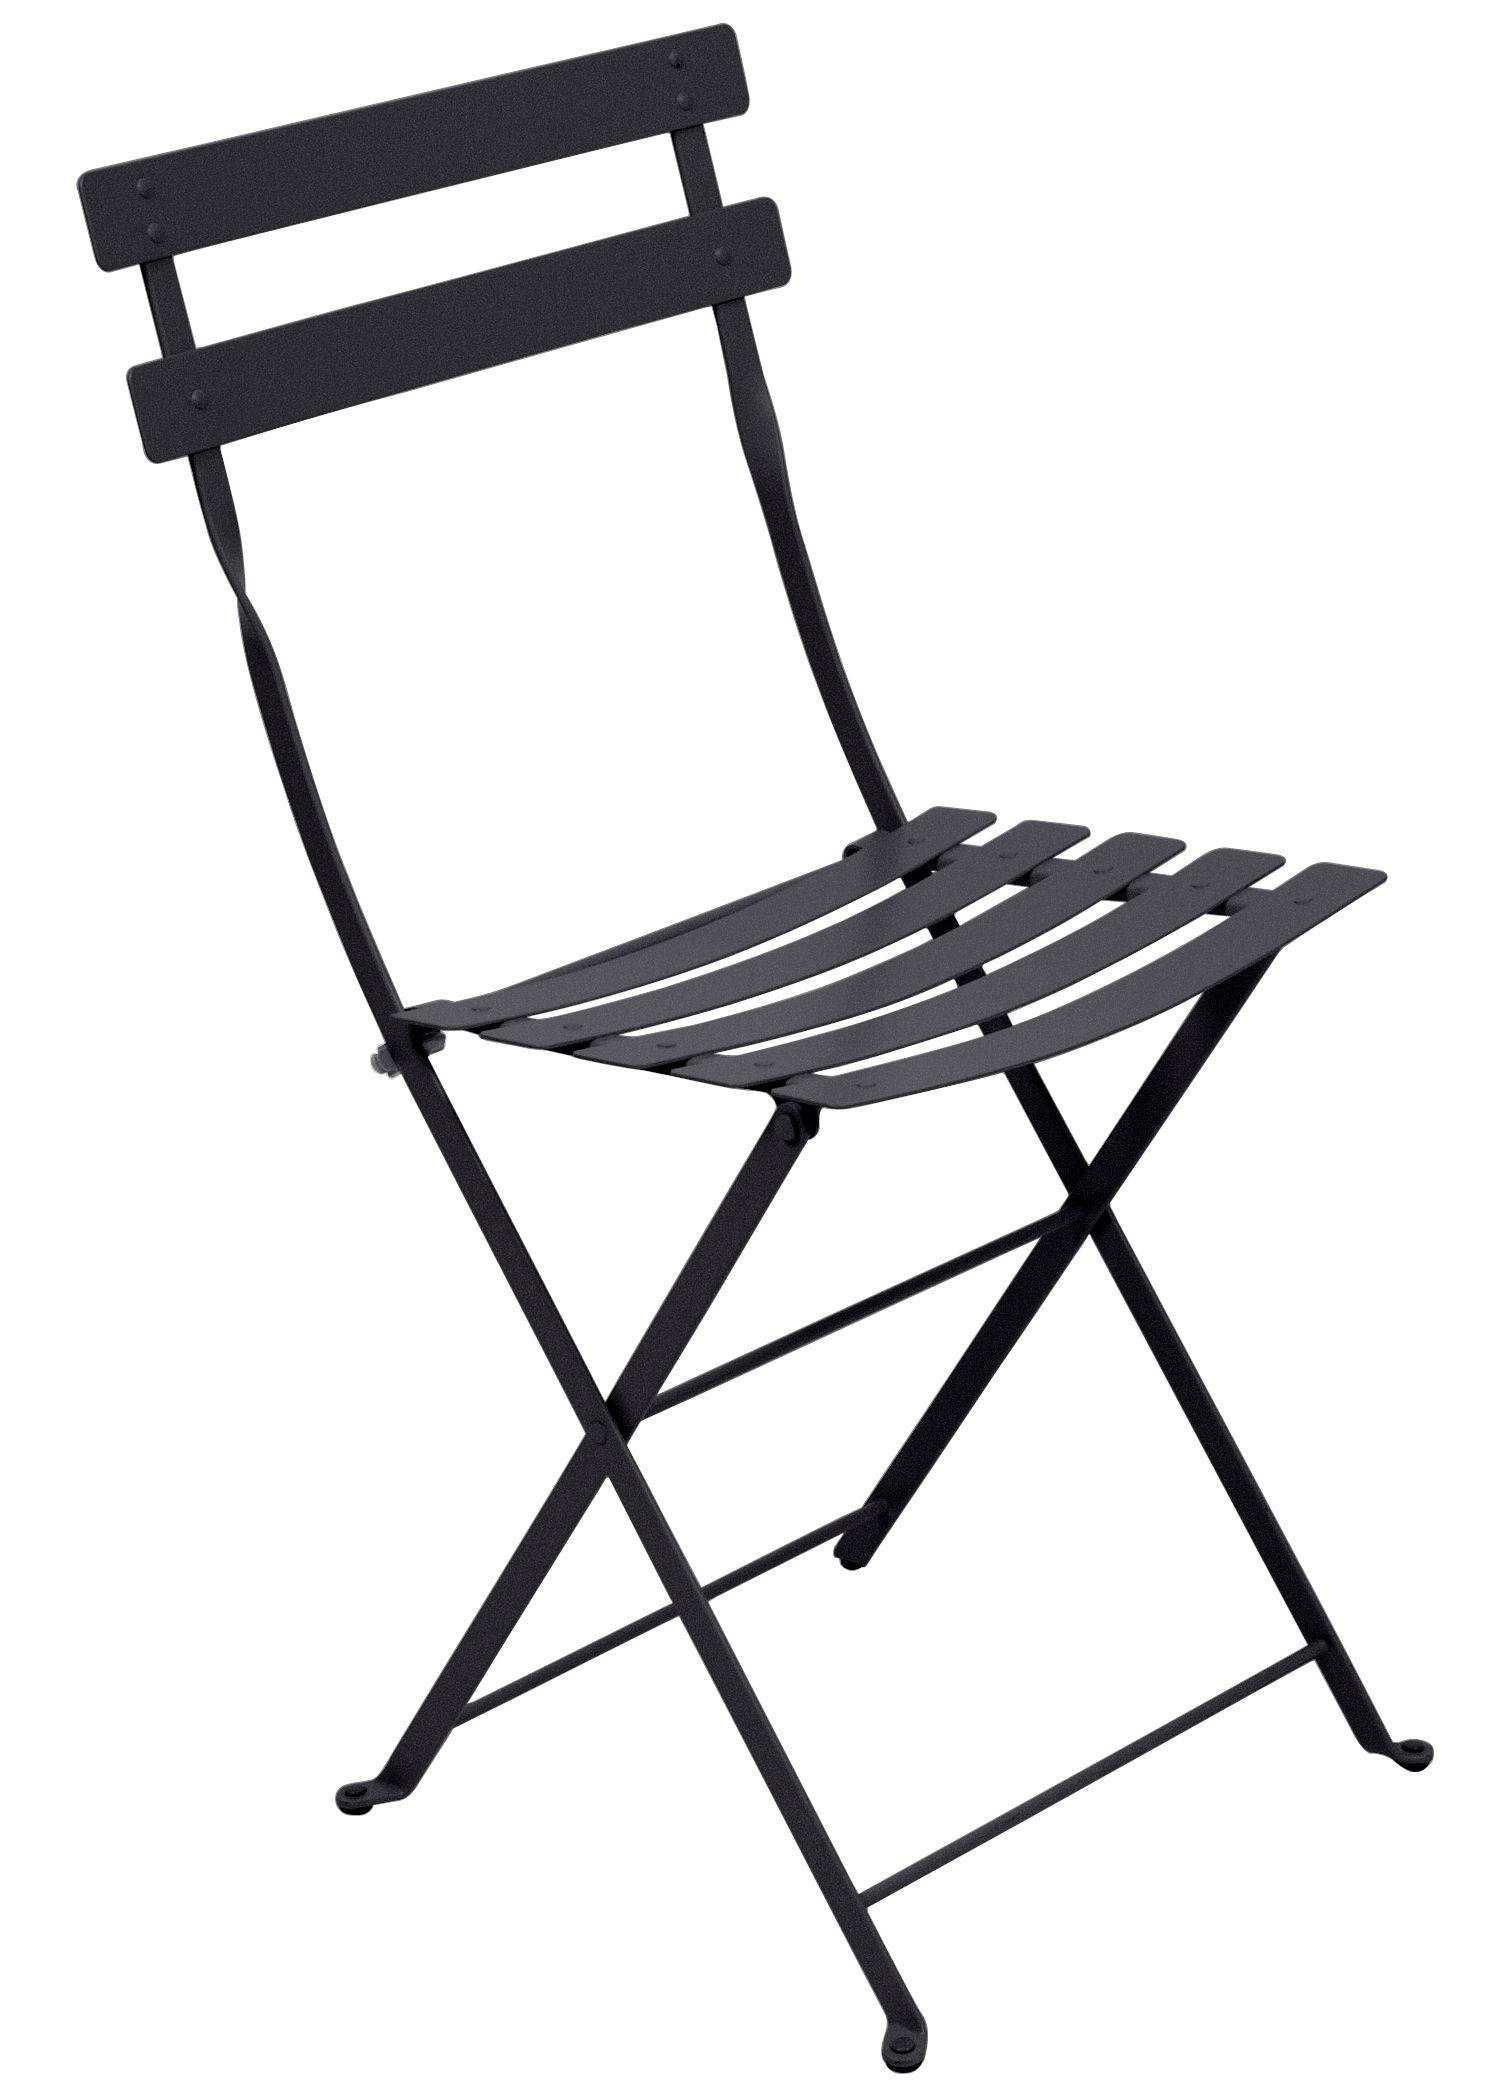 Mobilier - Chaises, fauteuils de salle à manger - Chaise pliante Bistro / Métal - Fermob - Carbone - Acier laqué